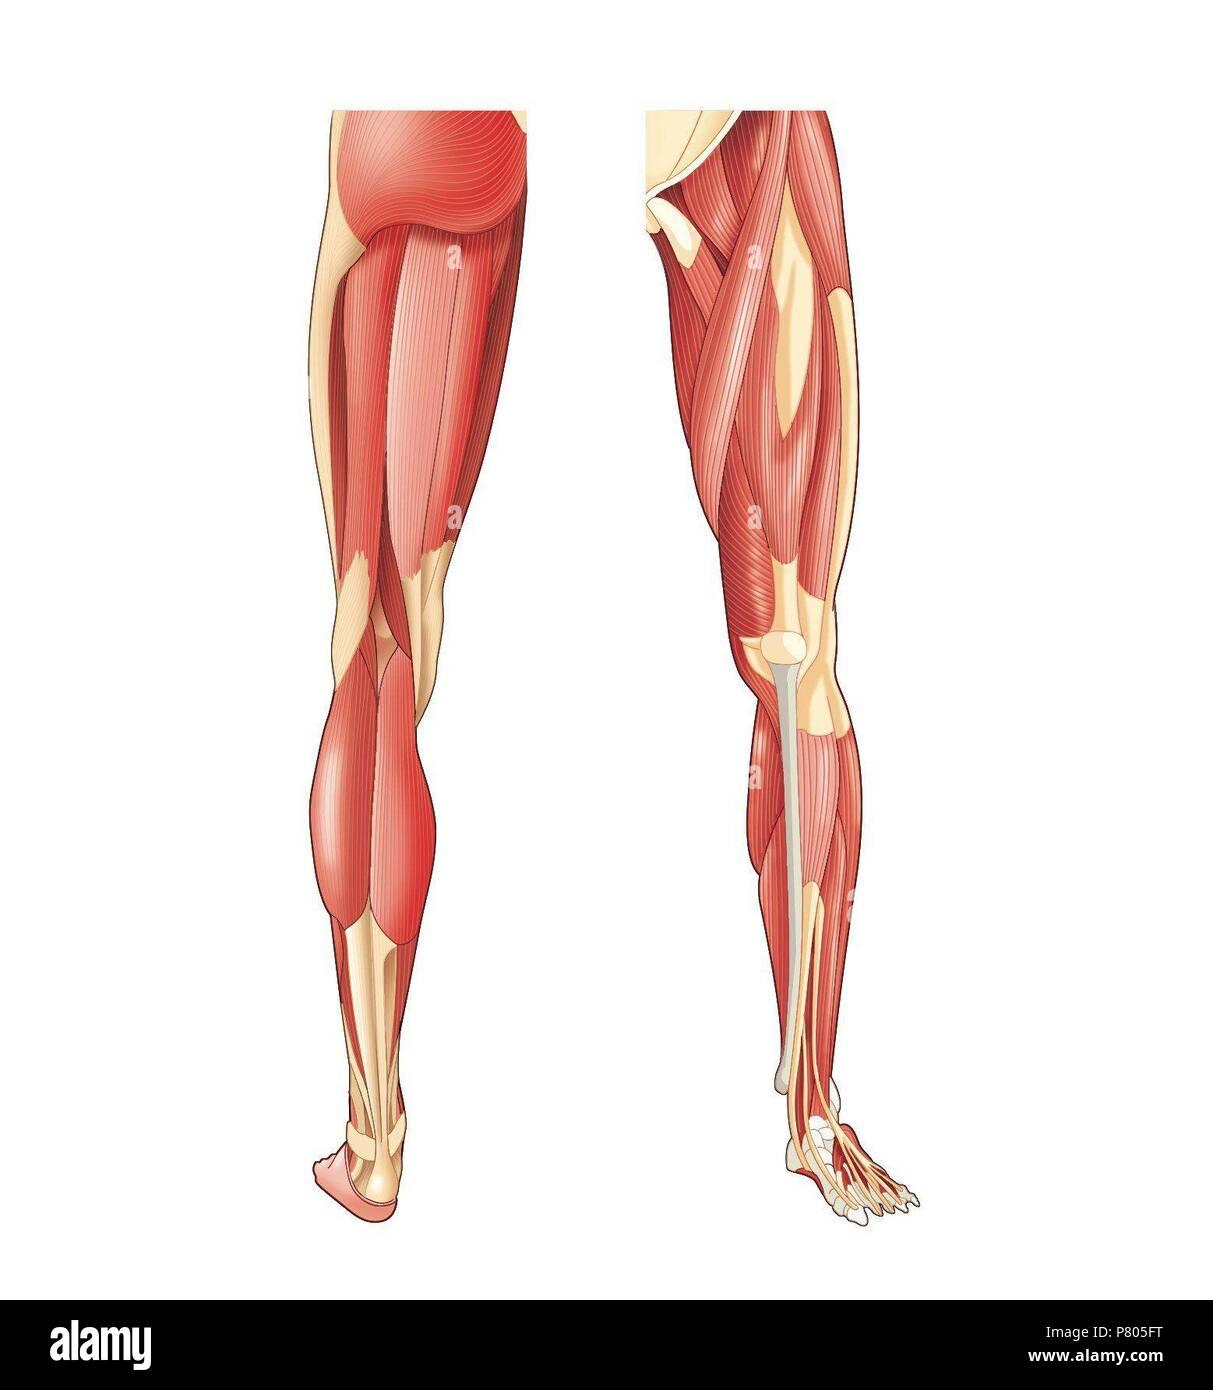 Muskeln der unteren Extremitäten Stockfoto, Bild: 211446028 - Alamy